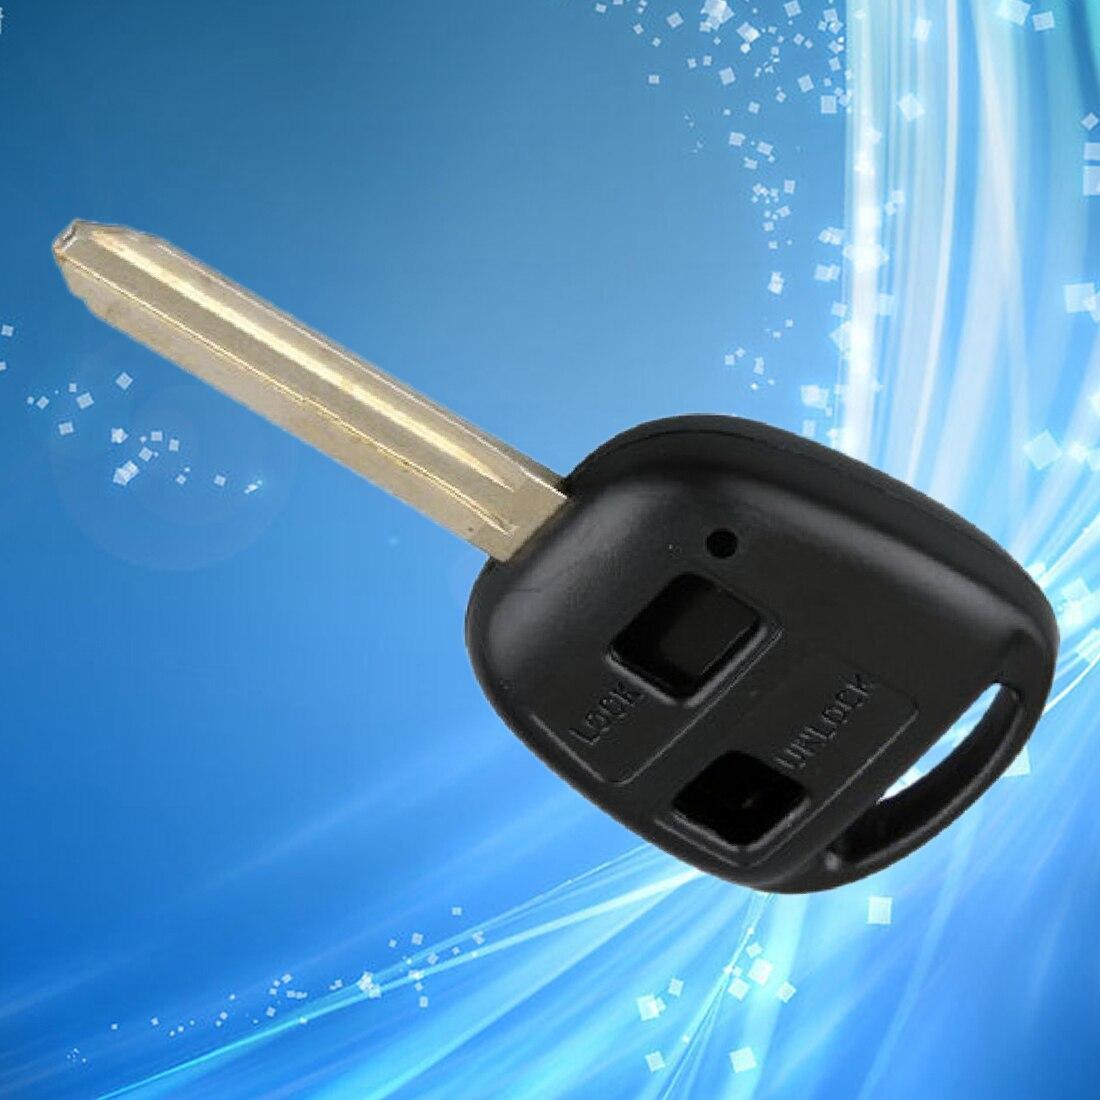 Auto Abdeckung Fall 2 Tasten Fern Eintrag Key Fall Fob Shell Für Toyota Yaris Avalon Camry Rav4 Corolla Echo Uncut Klinge